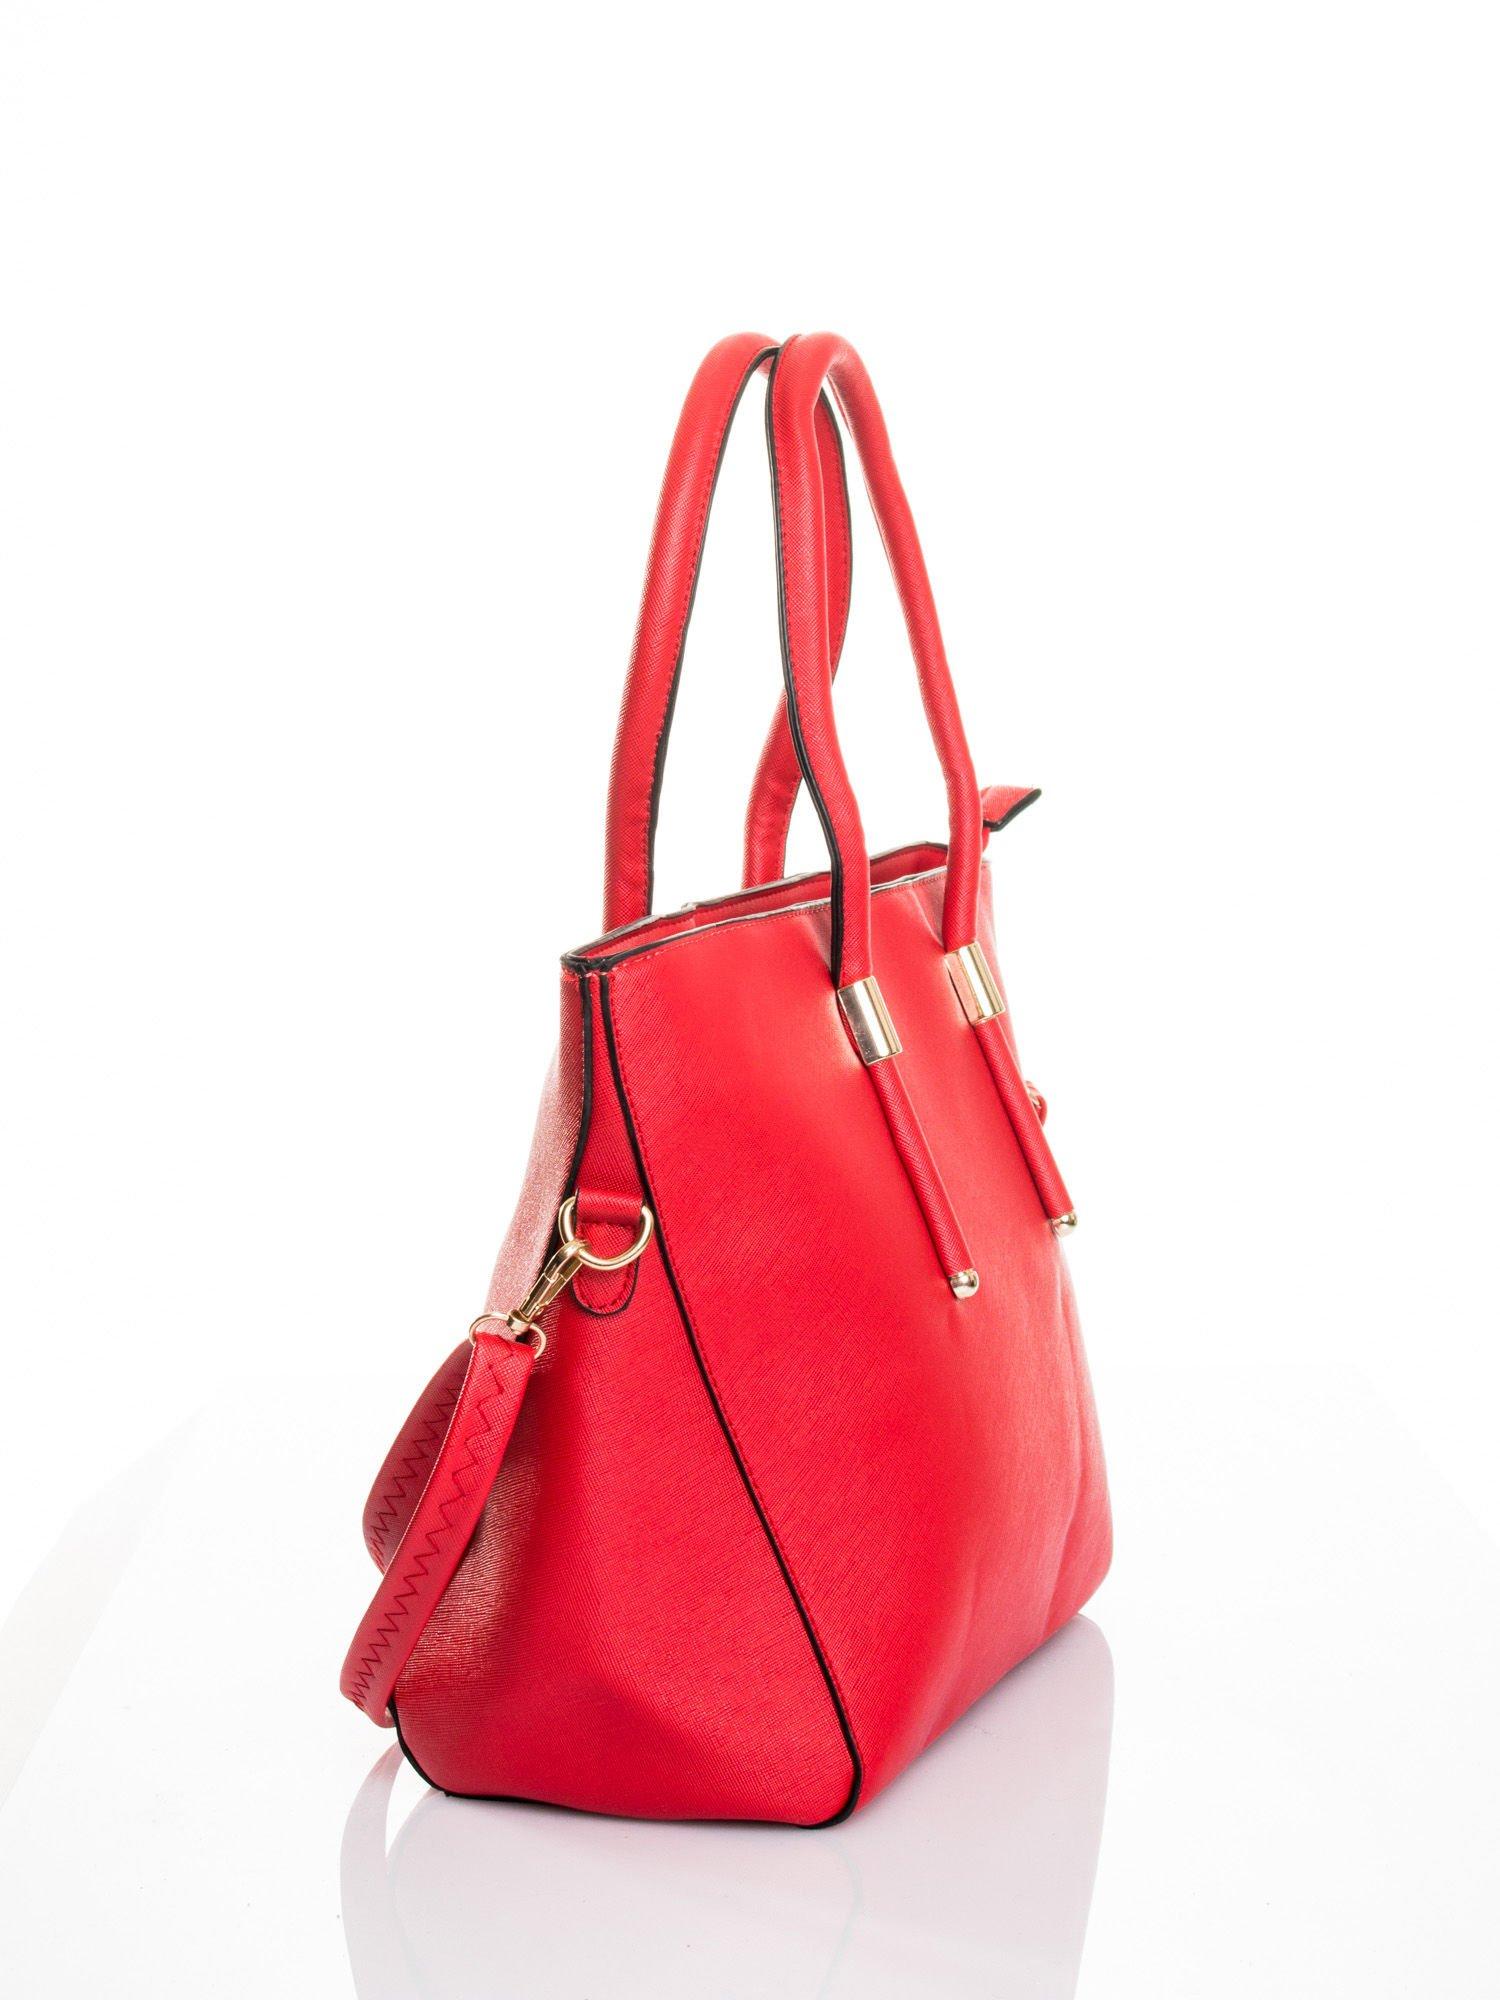 Czerwona torba shopper efekt saffiano                                  zdj.                                  4